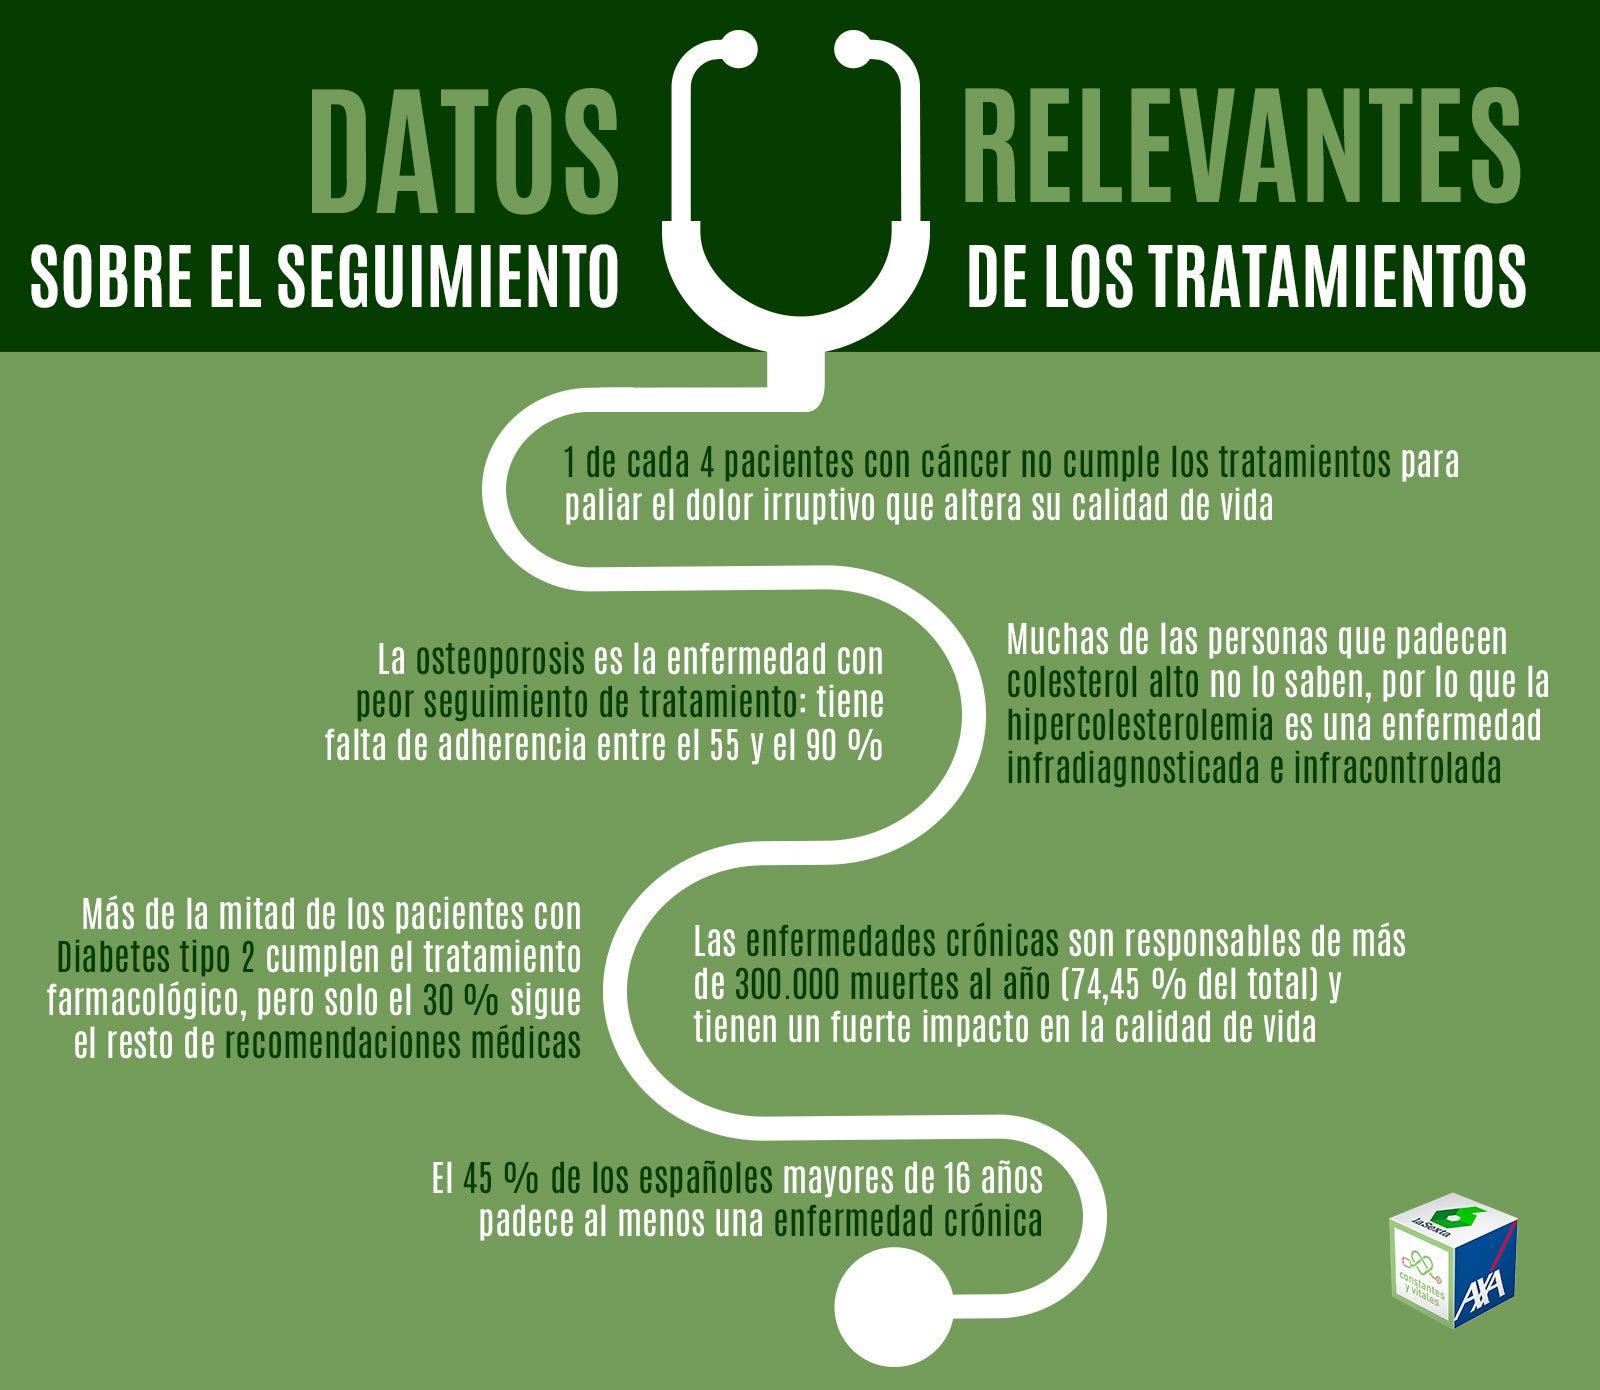 Datos relevantes sobre el seguimiento de los tratamientos